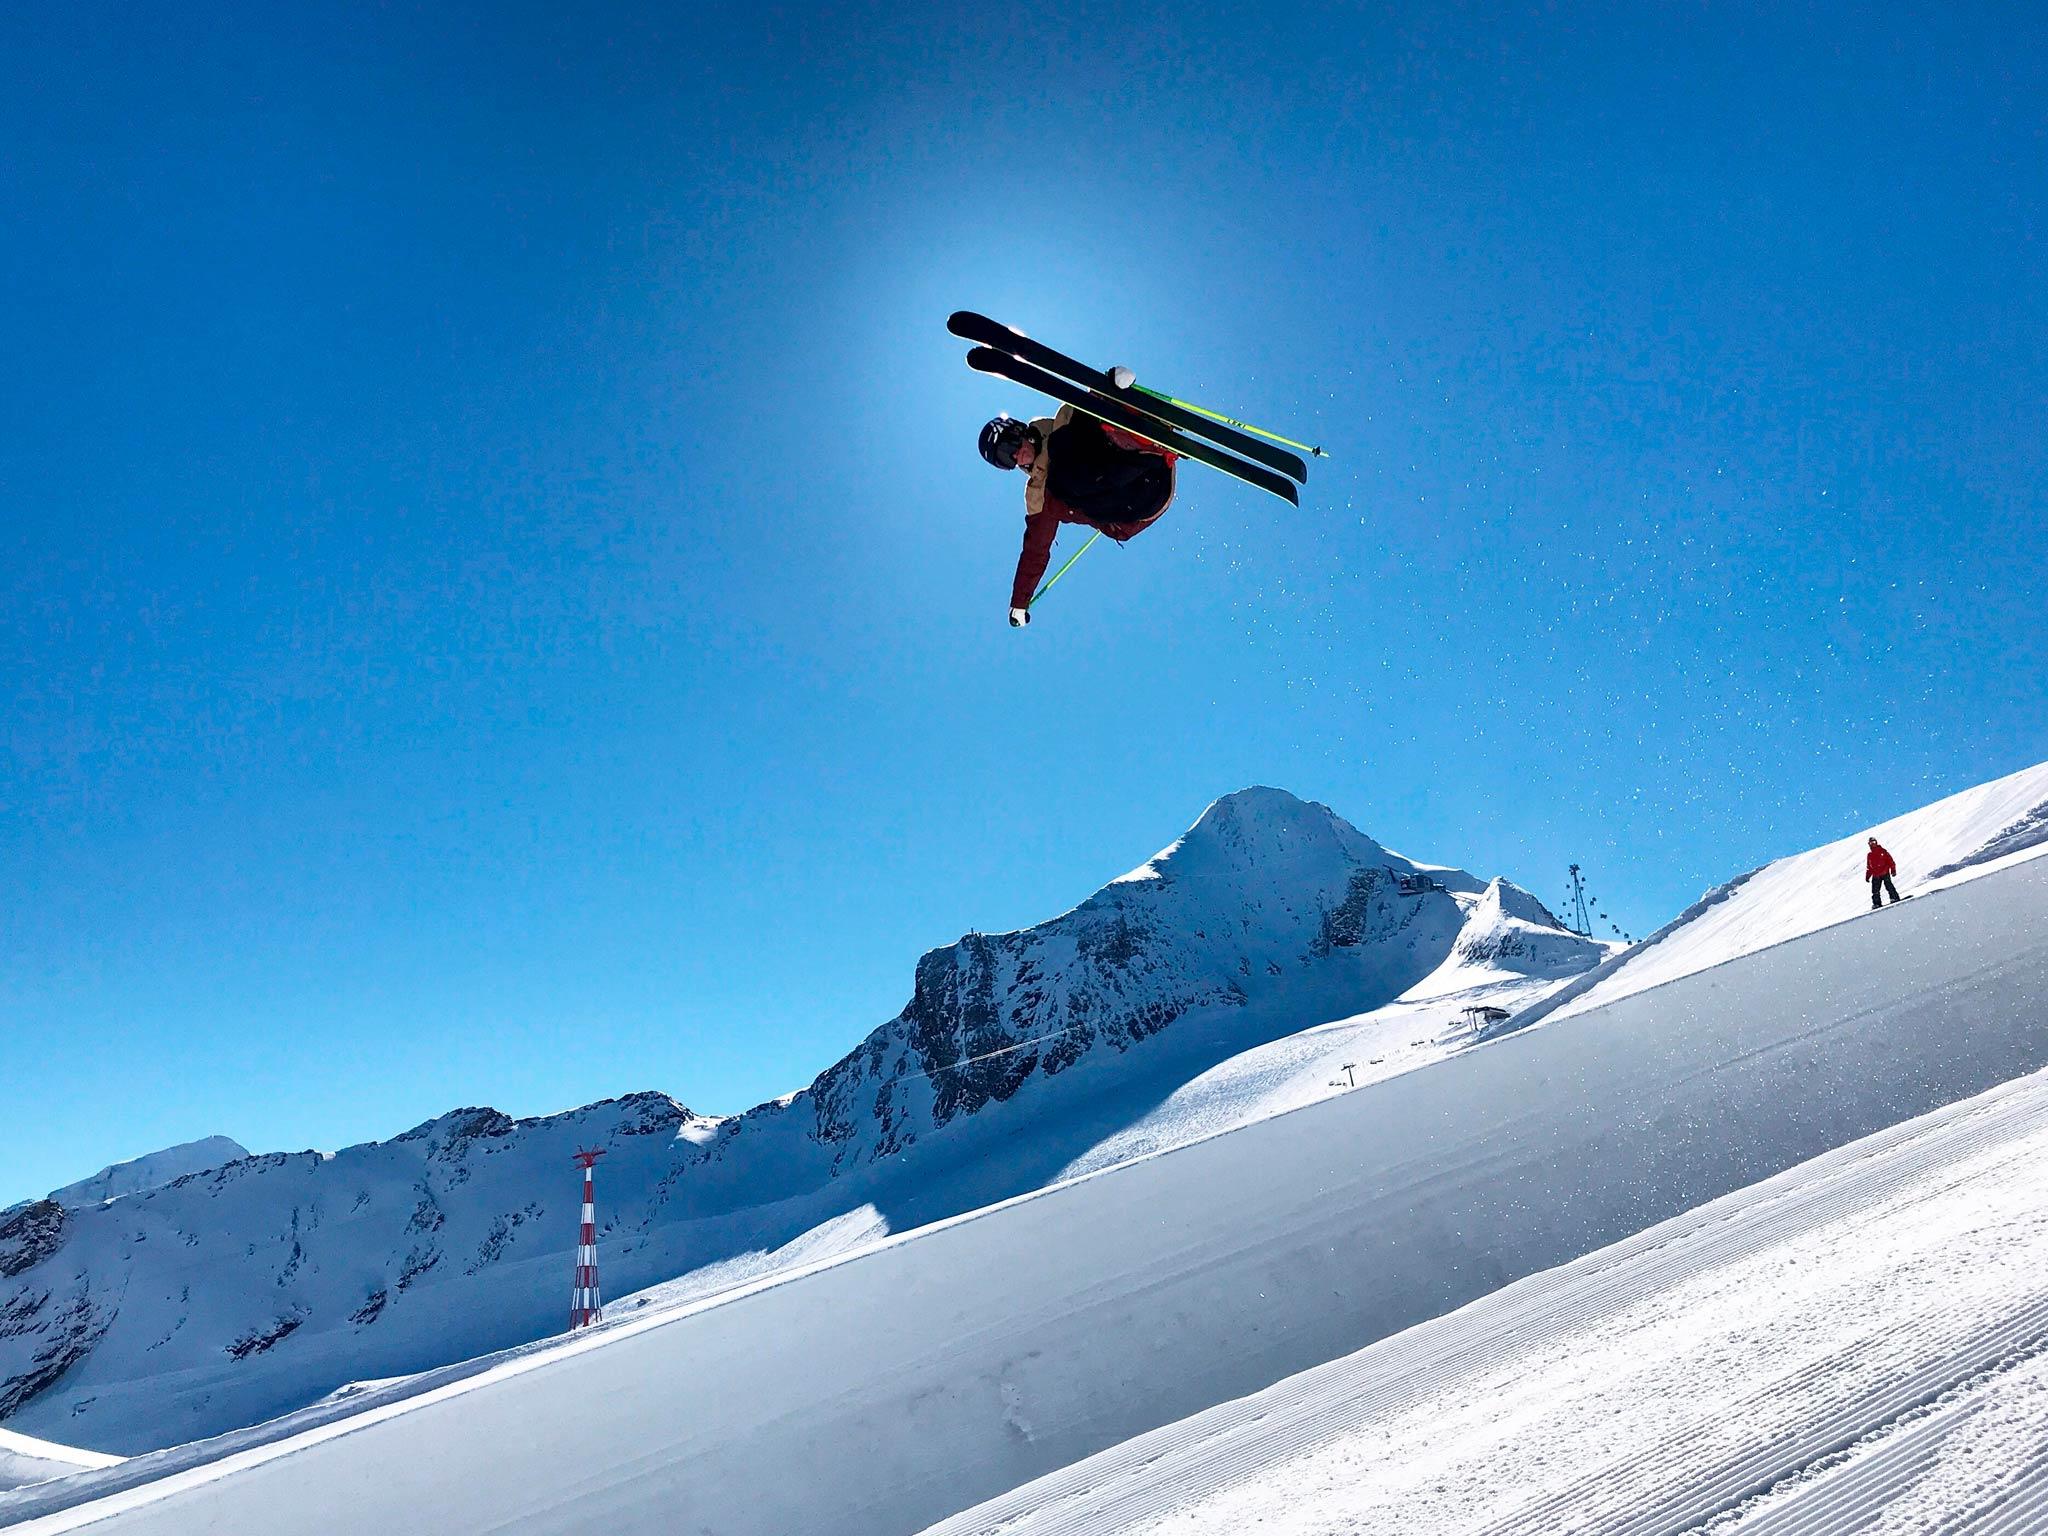 Lukas Müllauer in der 6,5 Meter hohen Superpipe am Kitzsteinhorn - Foto: Kitzsteinhorn